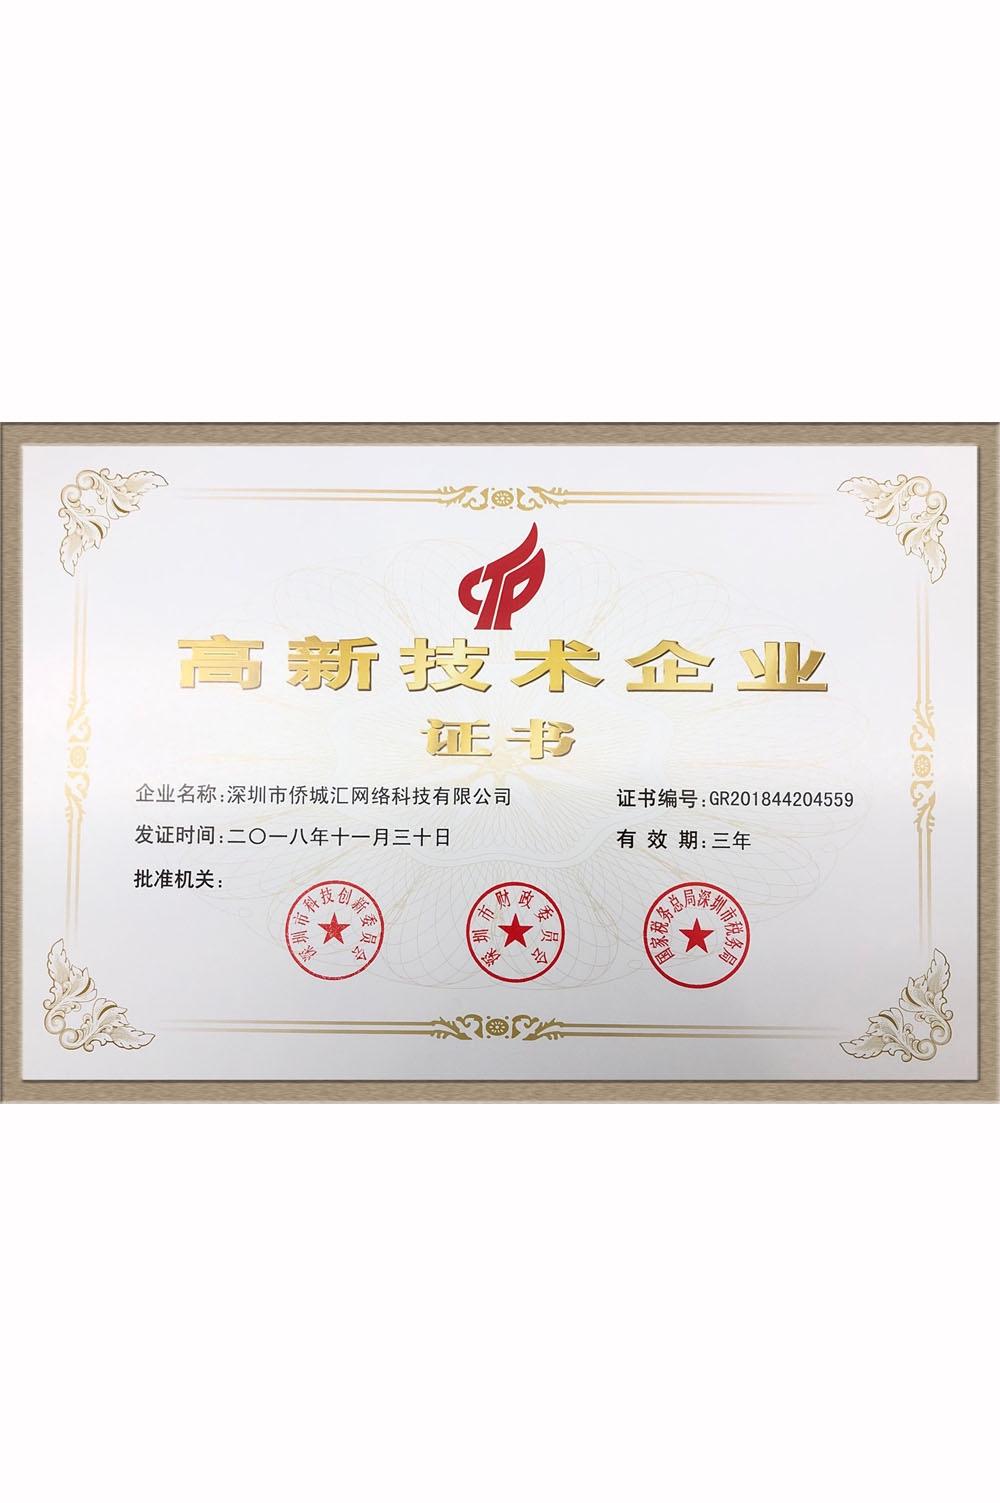 侨城汇:高新技术企业证书